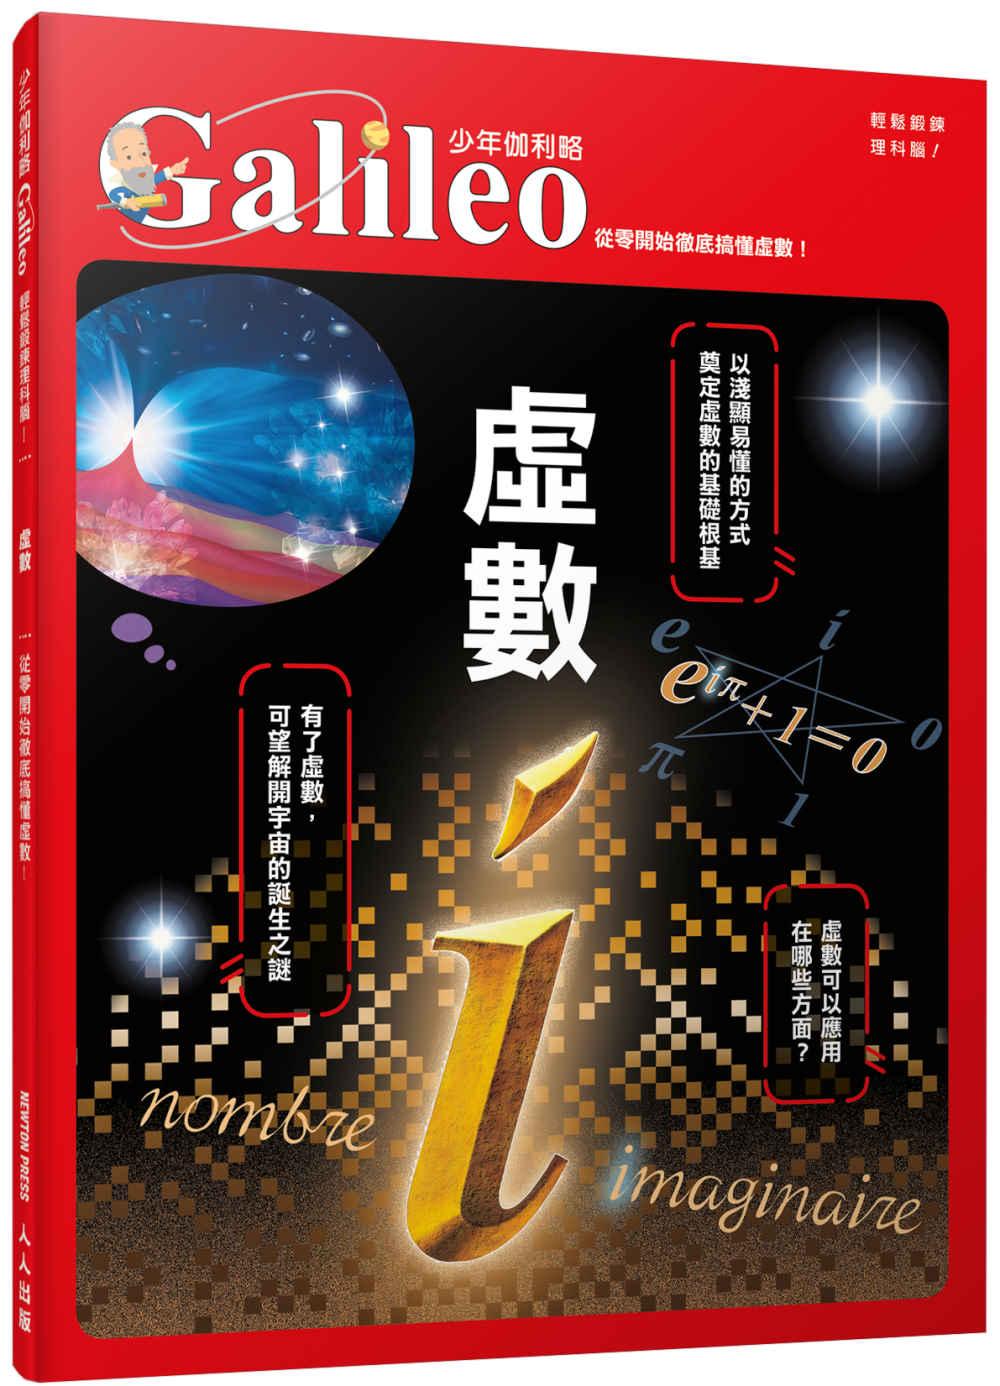 虛數:從零開始徹底搞懂虛數  少年伽利略1